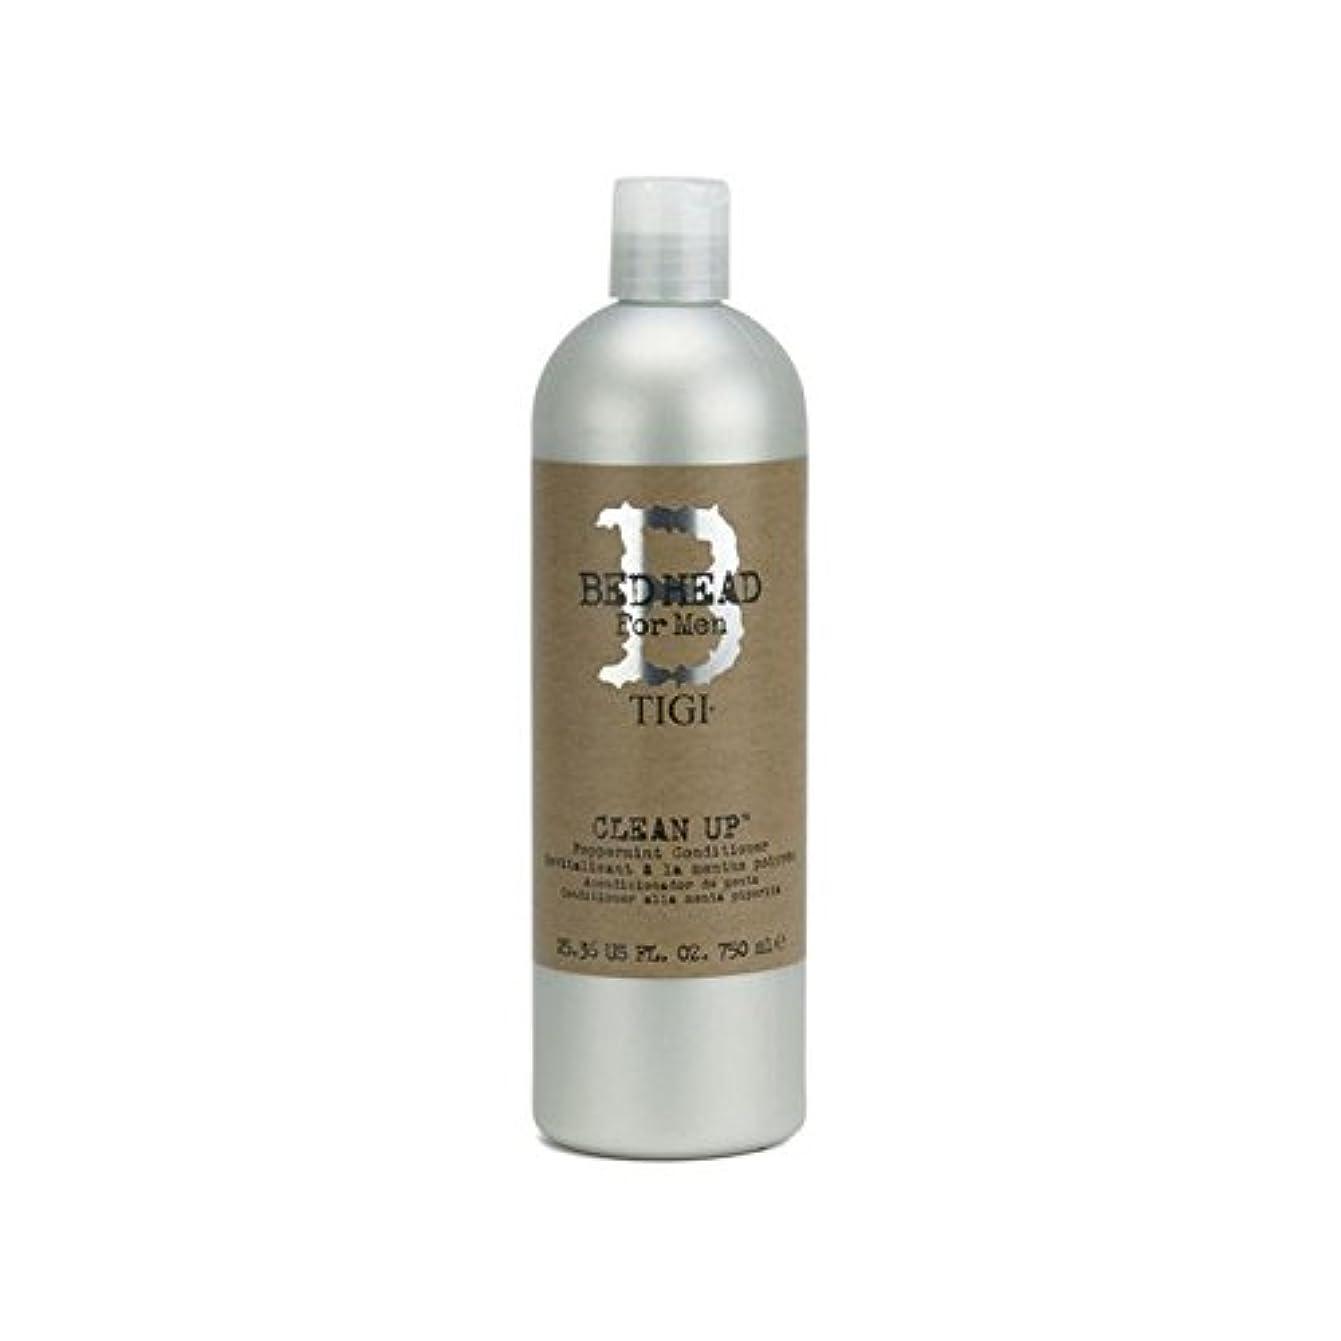 終了するレスリング恐怖症Tigi Bed Head For Men Clean Up Peppermint Conditioner (750ml) (Pack of 6) - ペパーミントコンディショナーをクリーンアップする男性のためのティジーベッドヘッド...